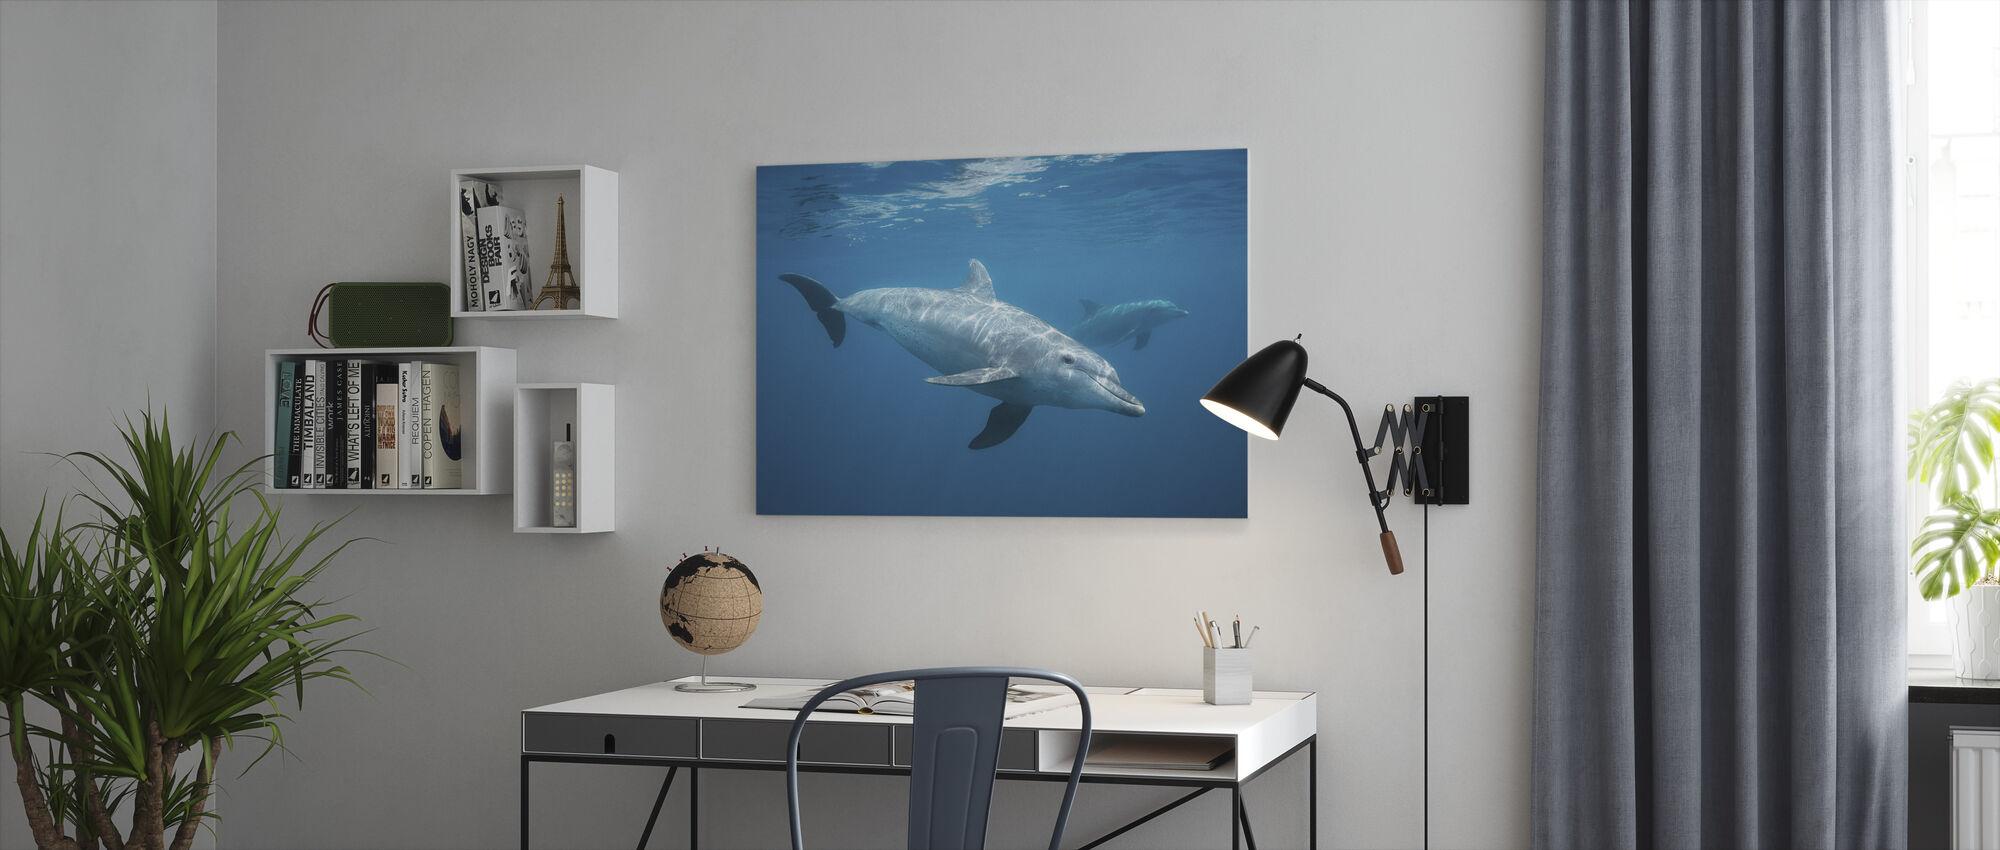 Nieuwsgierig Dolfijn - Canvas print - Kantoor